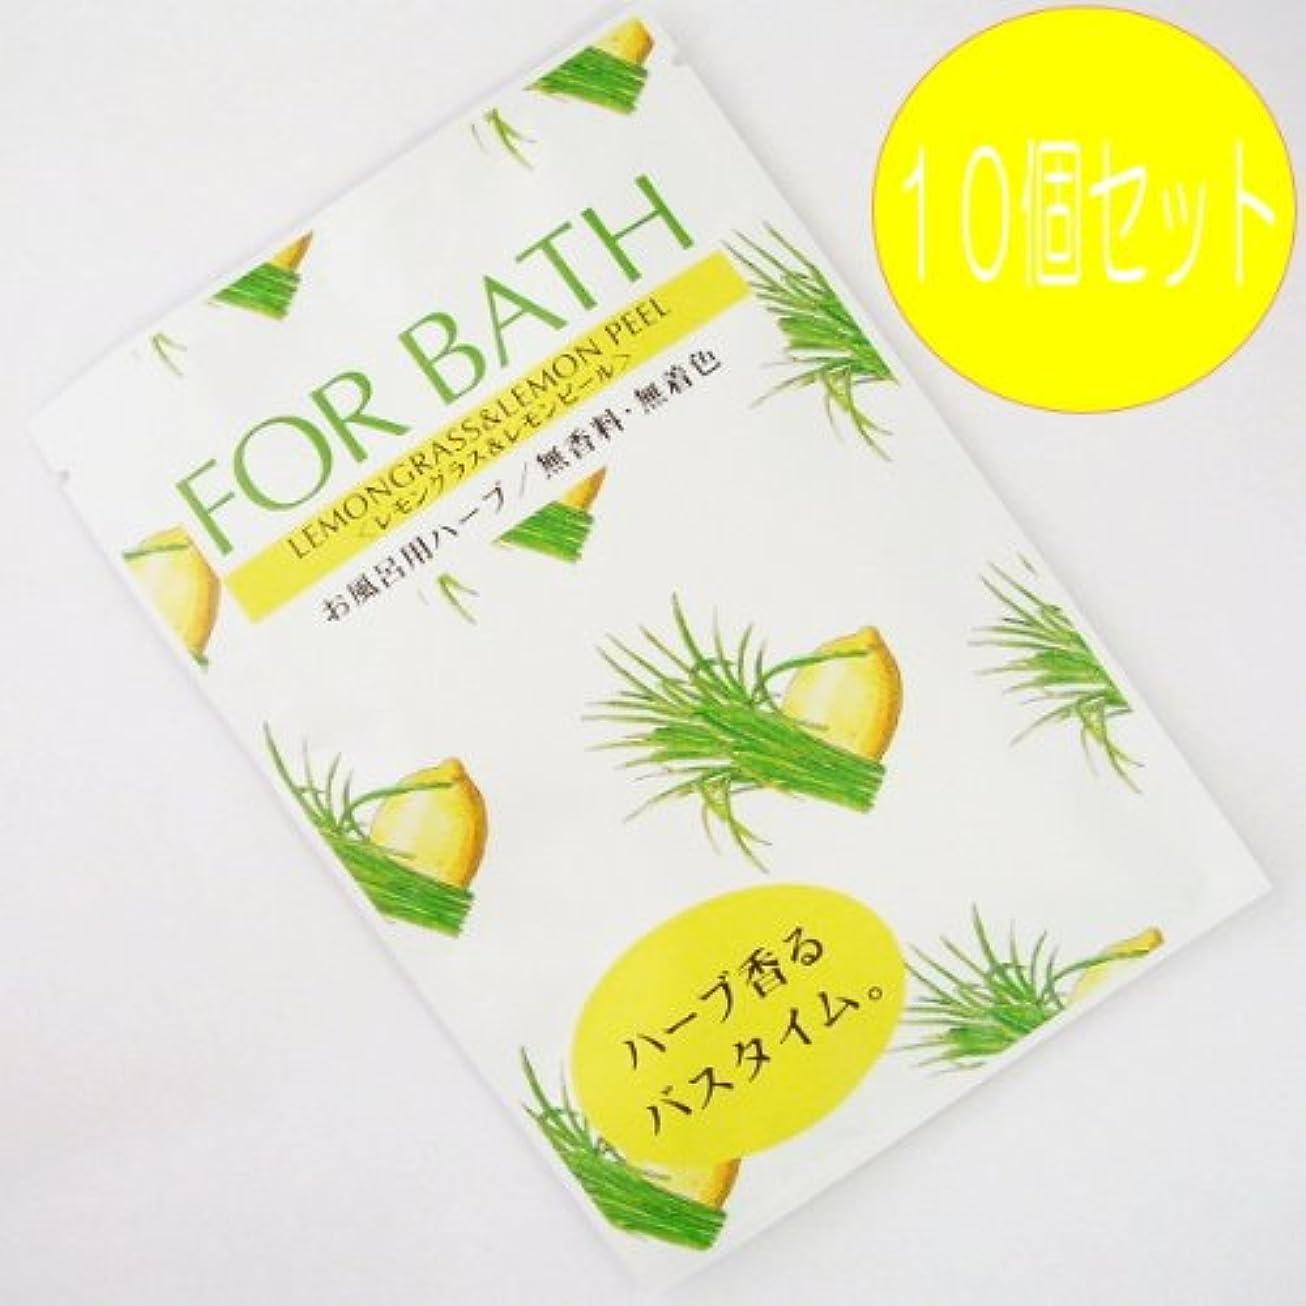 白い小屋読書フォアバスレモングラス&レモンピール10個セット